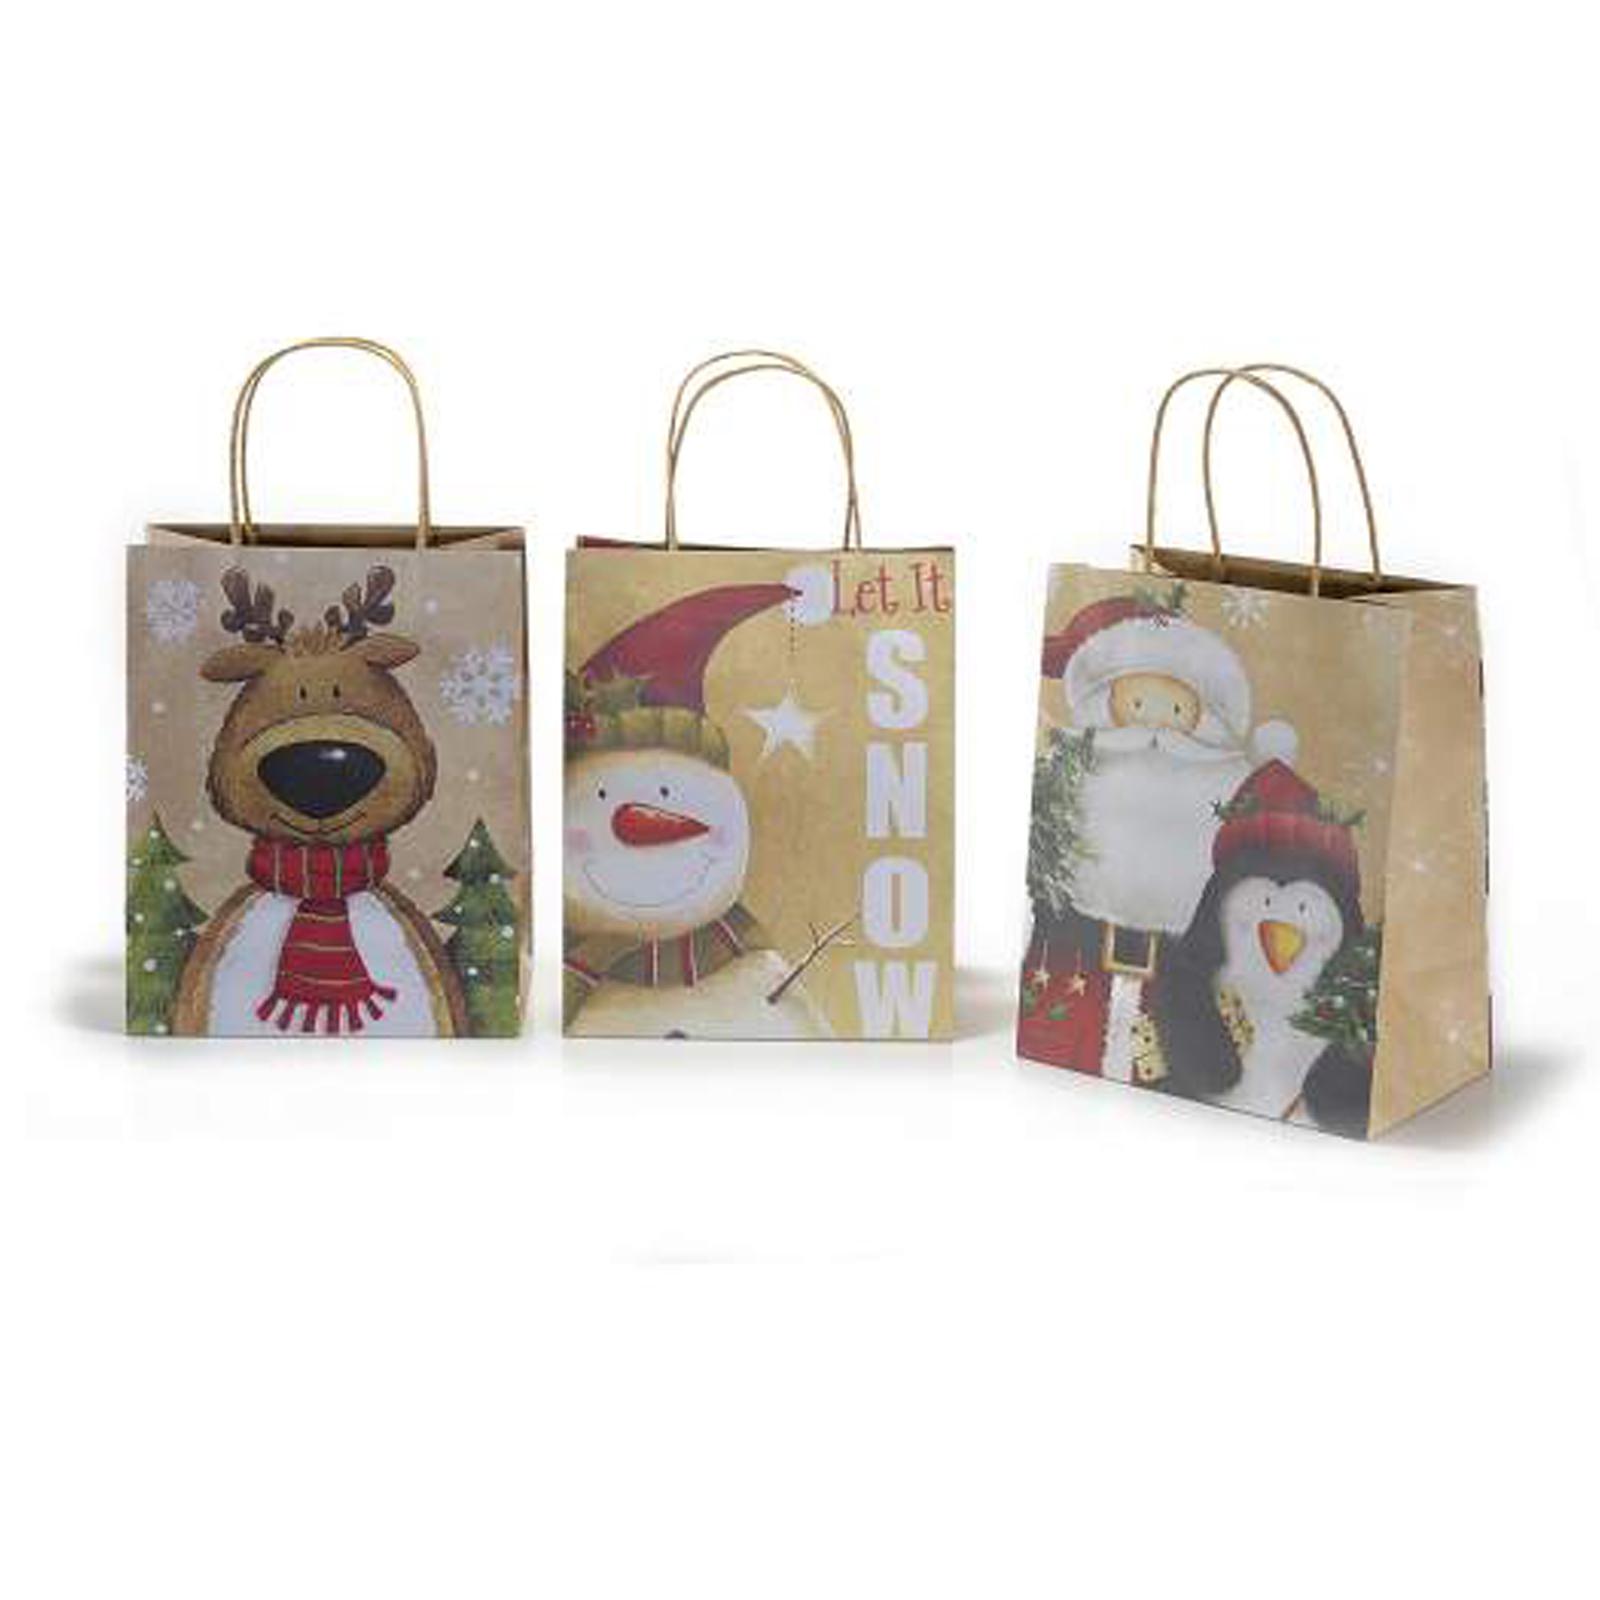 30Pz.Buste sacchetti regalo natalizi in carta naturale Misure: cm